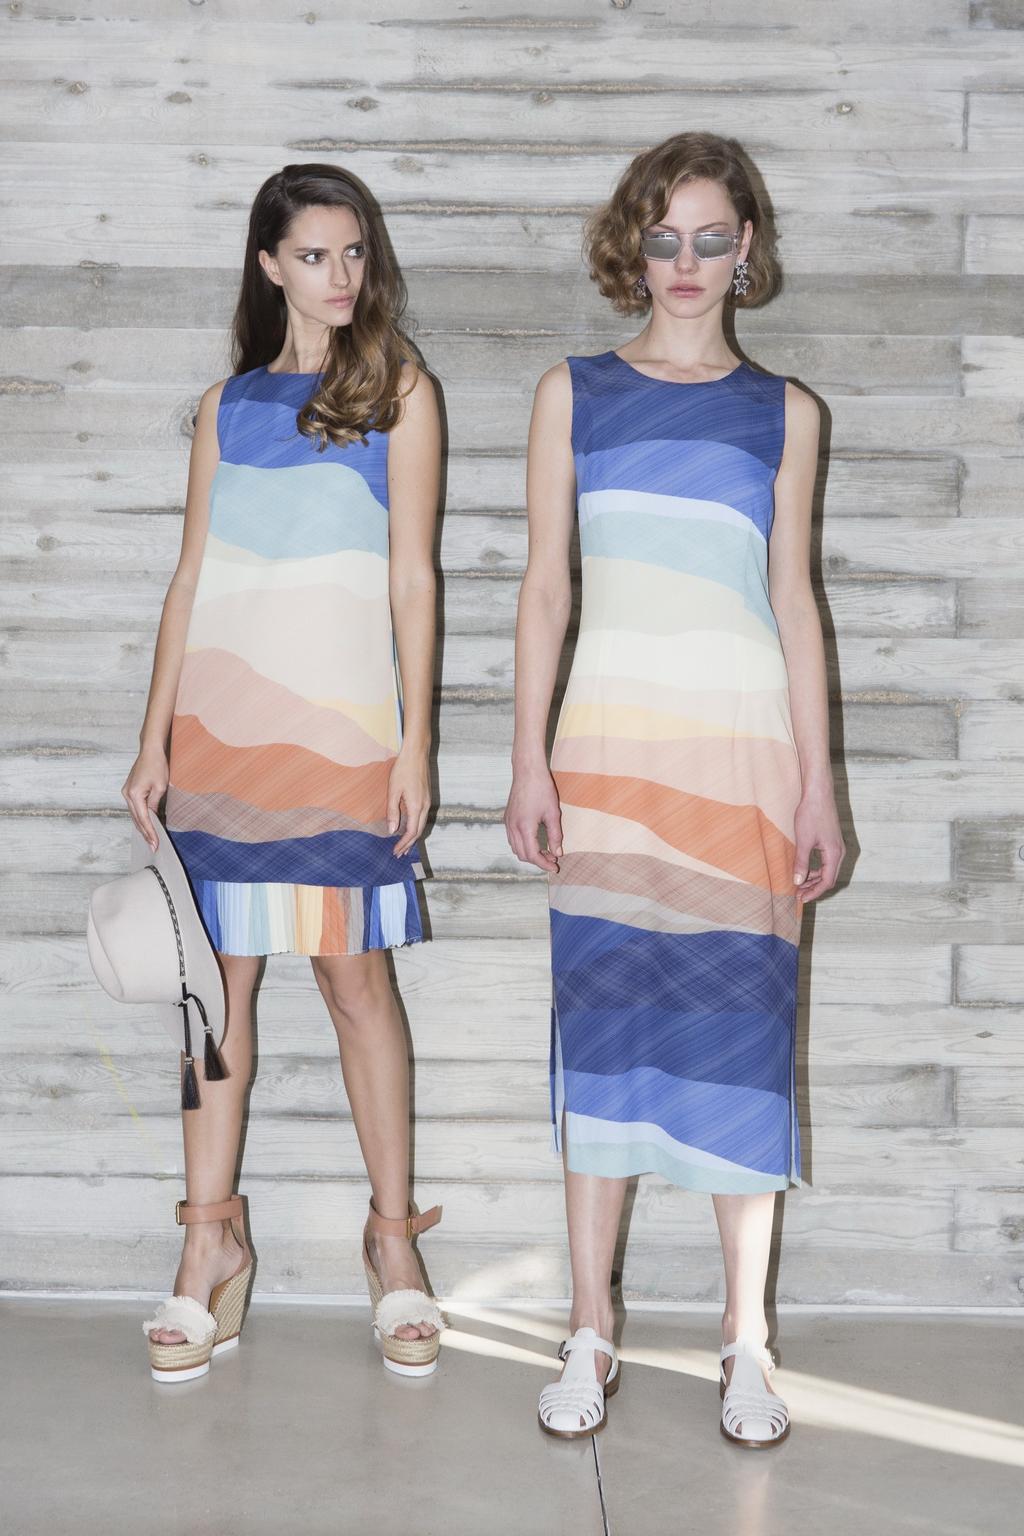 סוף עונה בבית האופנה מאיה נגרי. צילום: תם מרשק